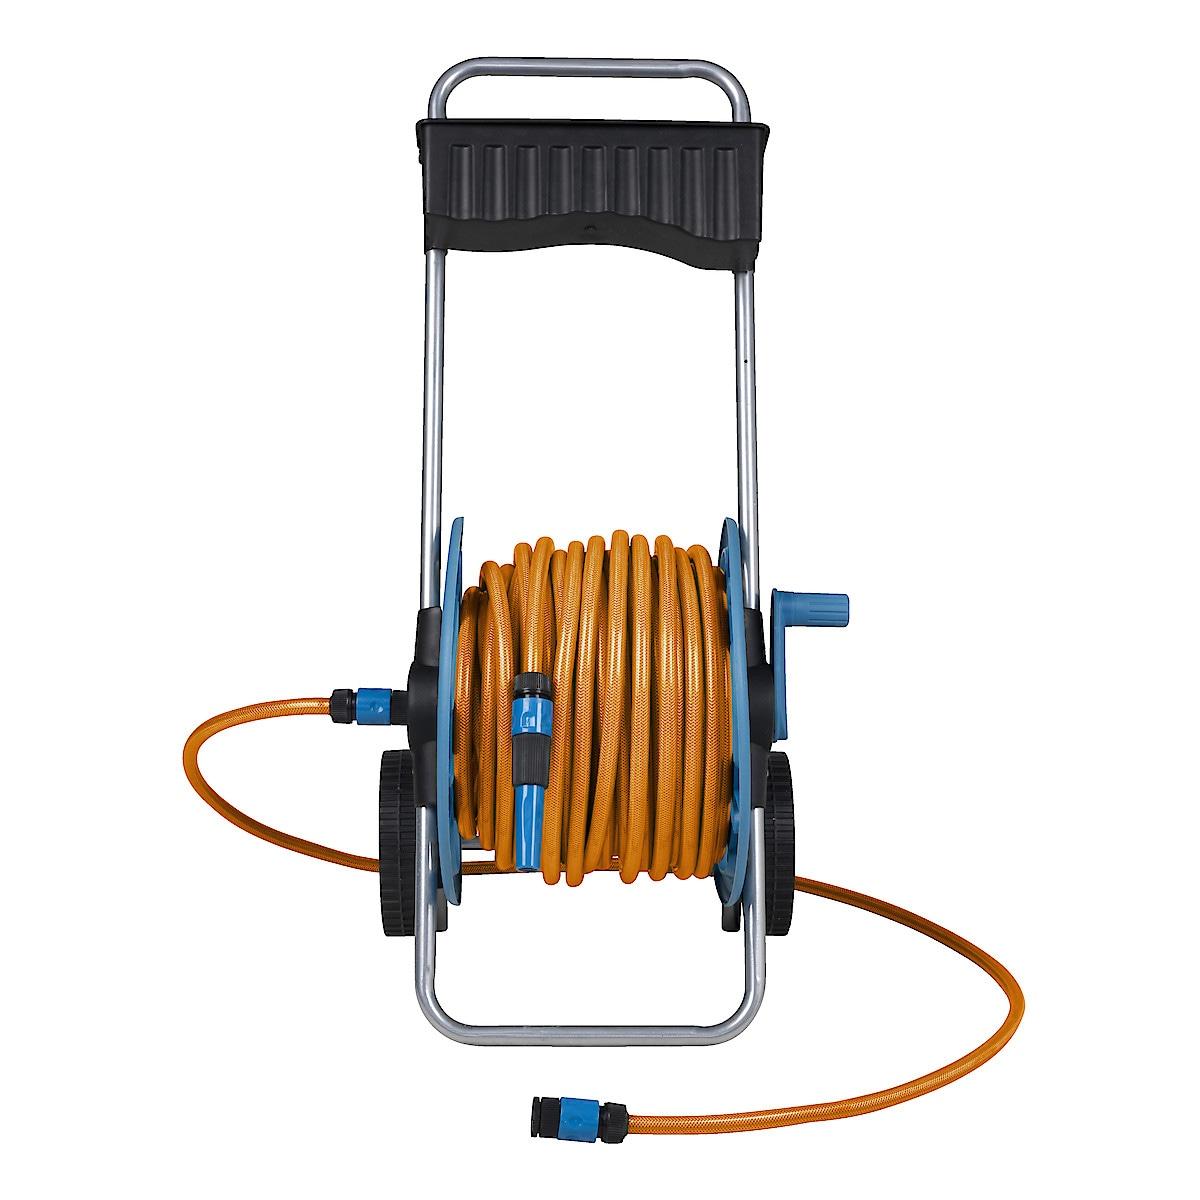 Cocraft slangevogn med tilbehør